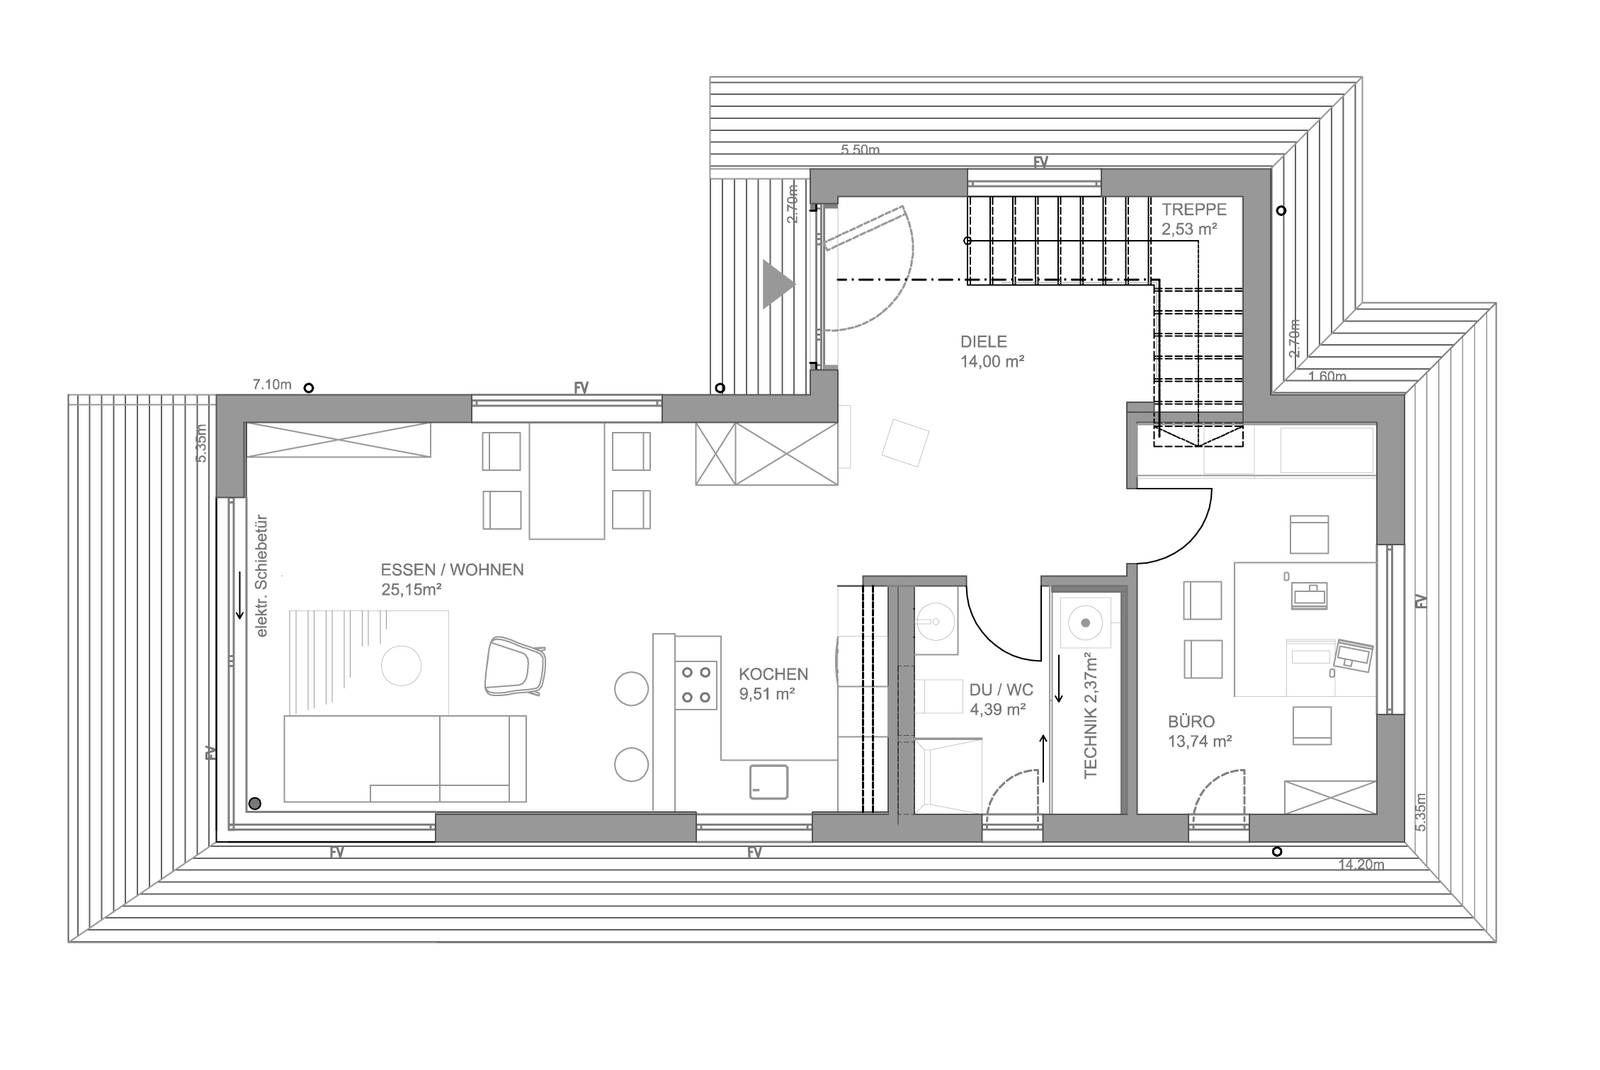 Moderne architektur grundrisse  Hausdetail | Architektur | Pinterest | Grundrisse und Architektur